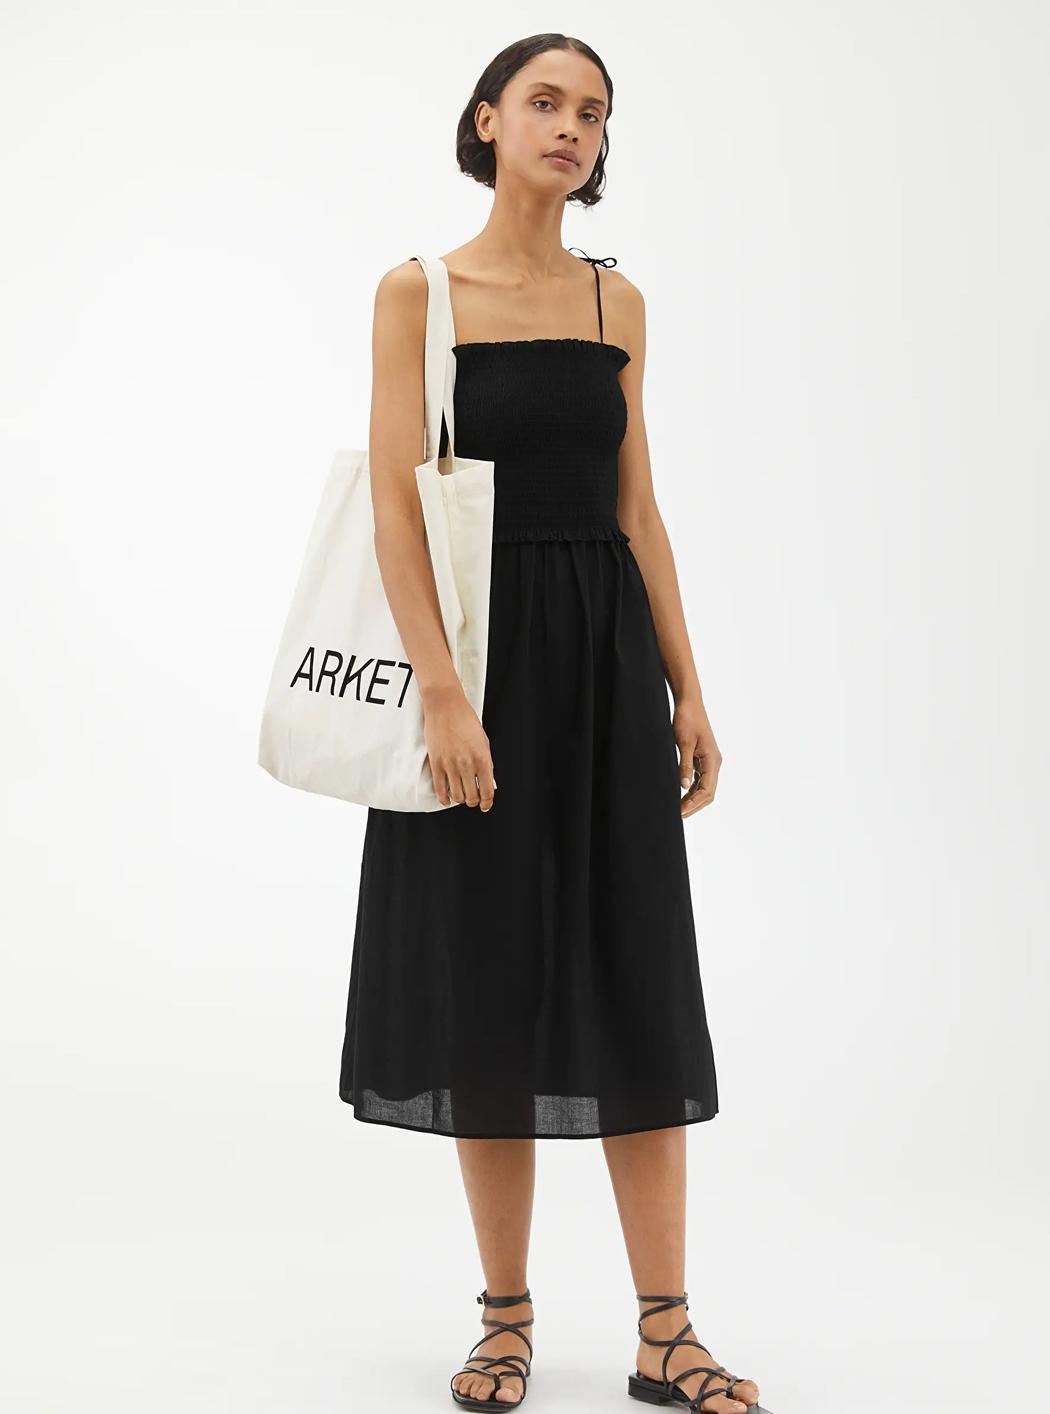 arket dresss